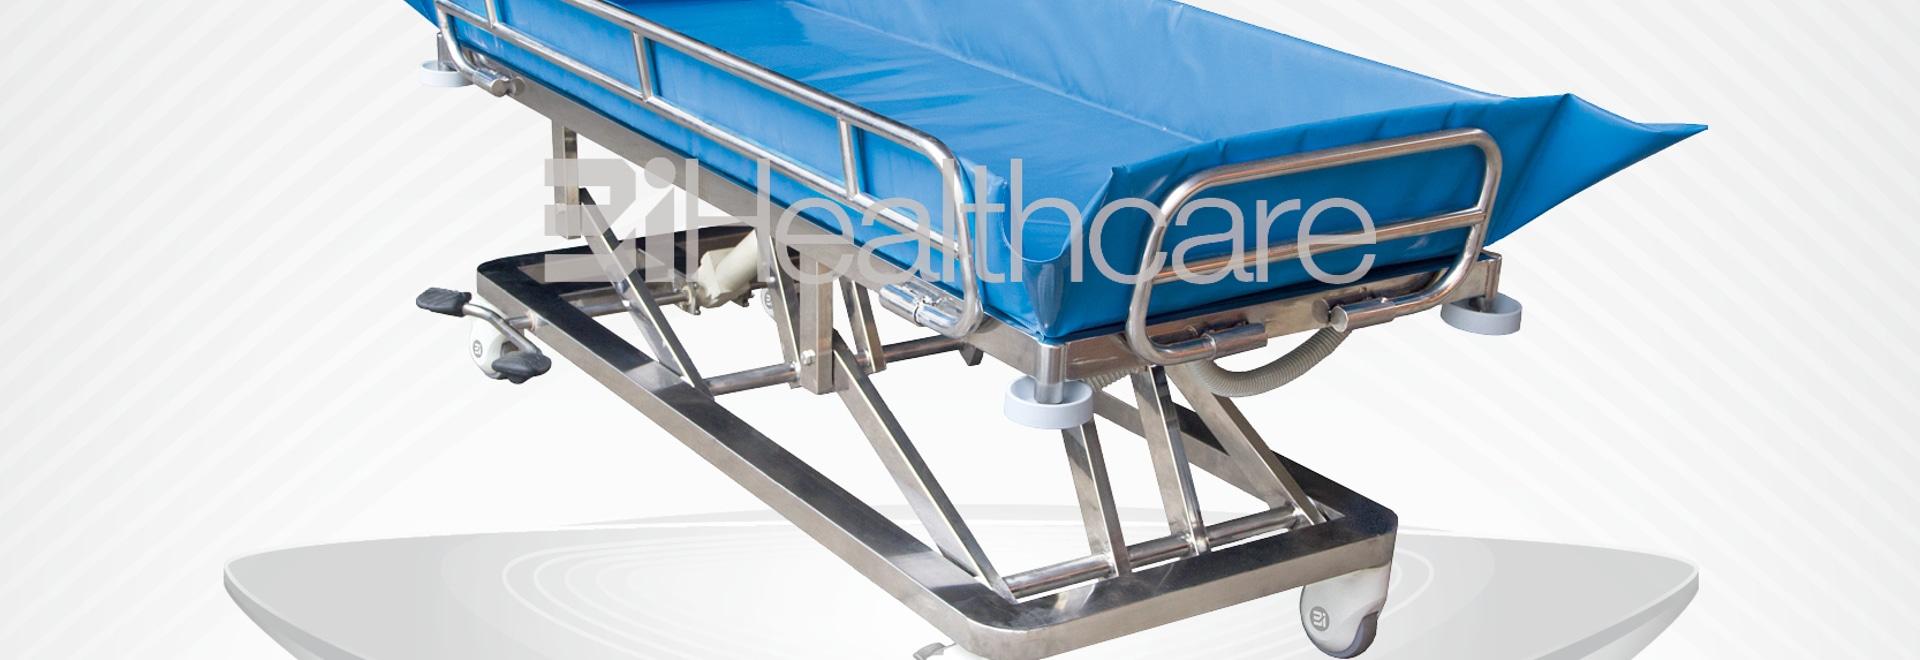 Nouveau lit de douche / brancard hydraulique conçu par BiHealthcare